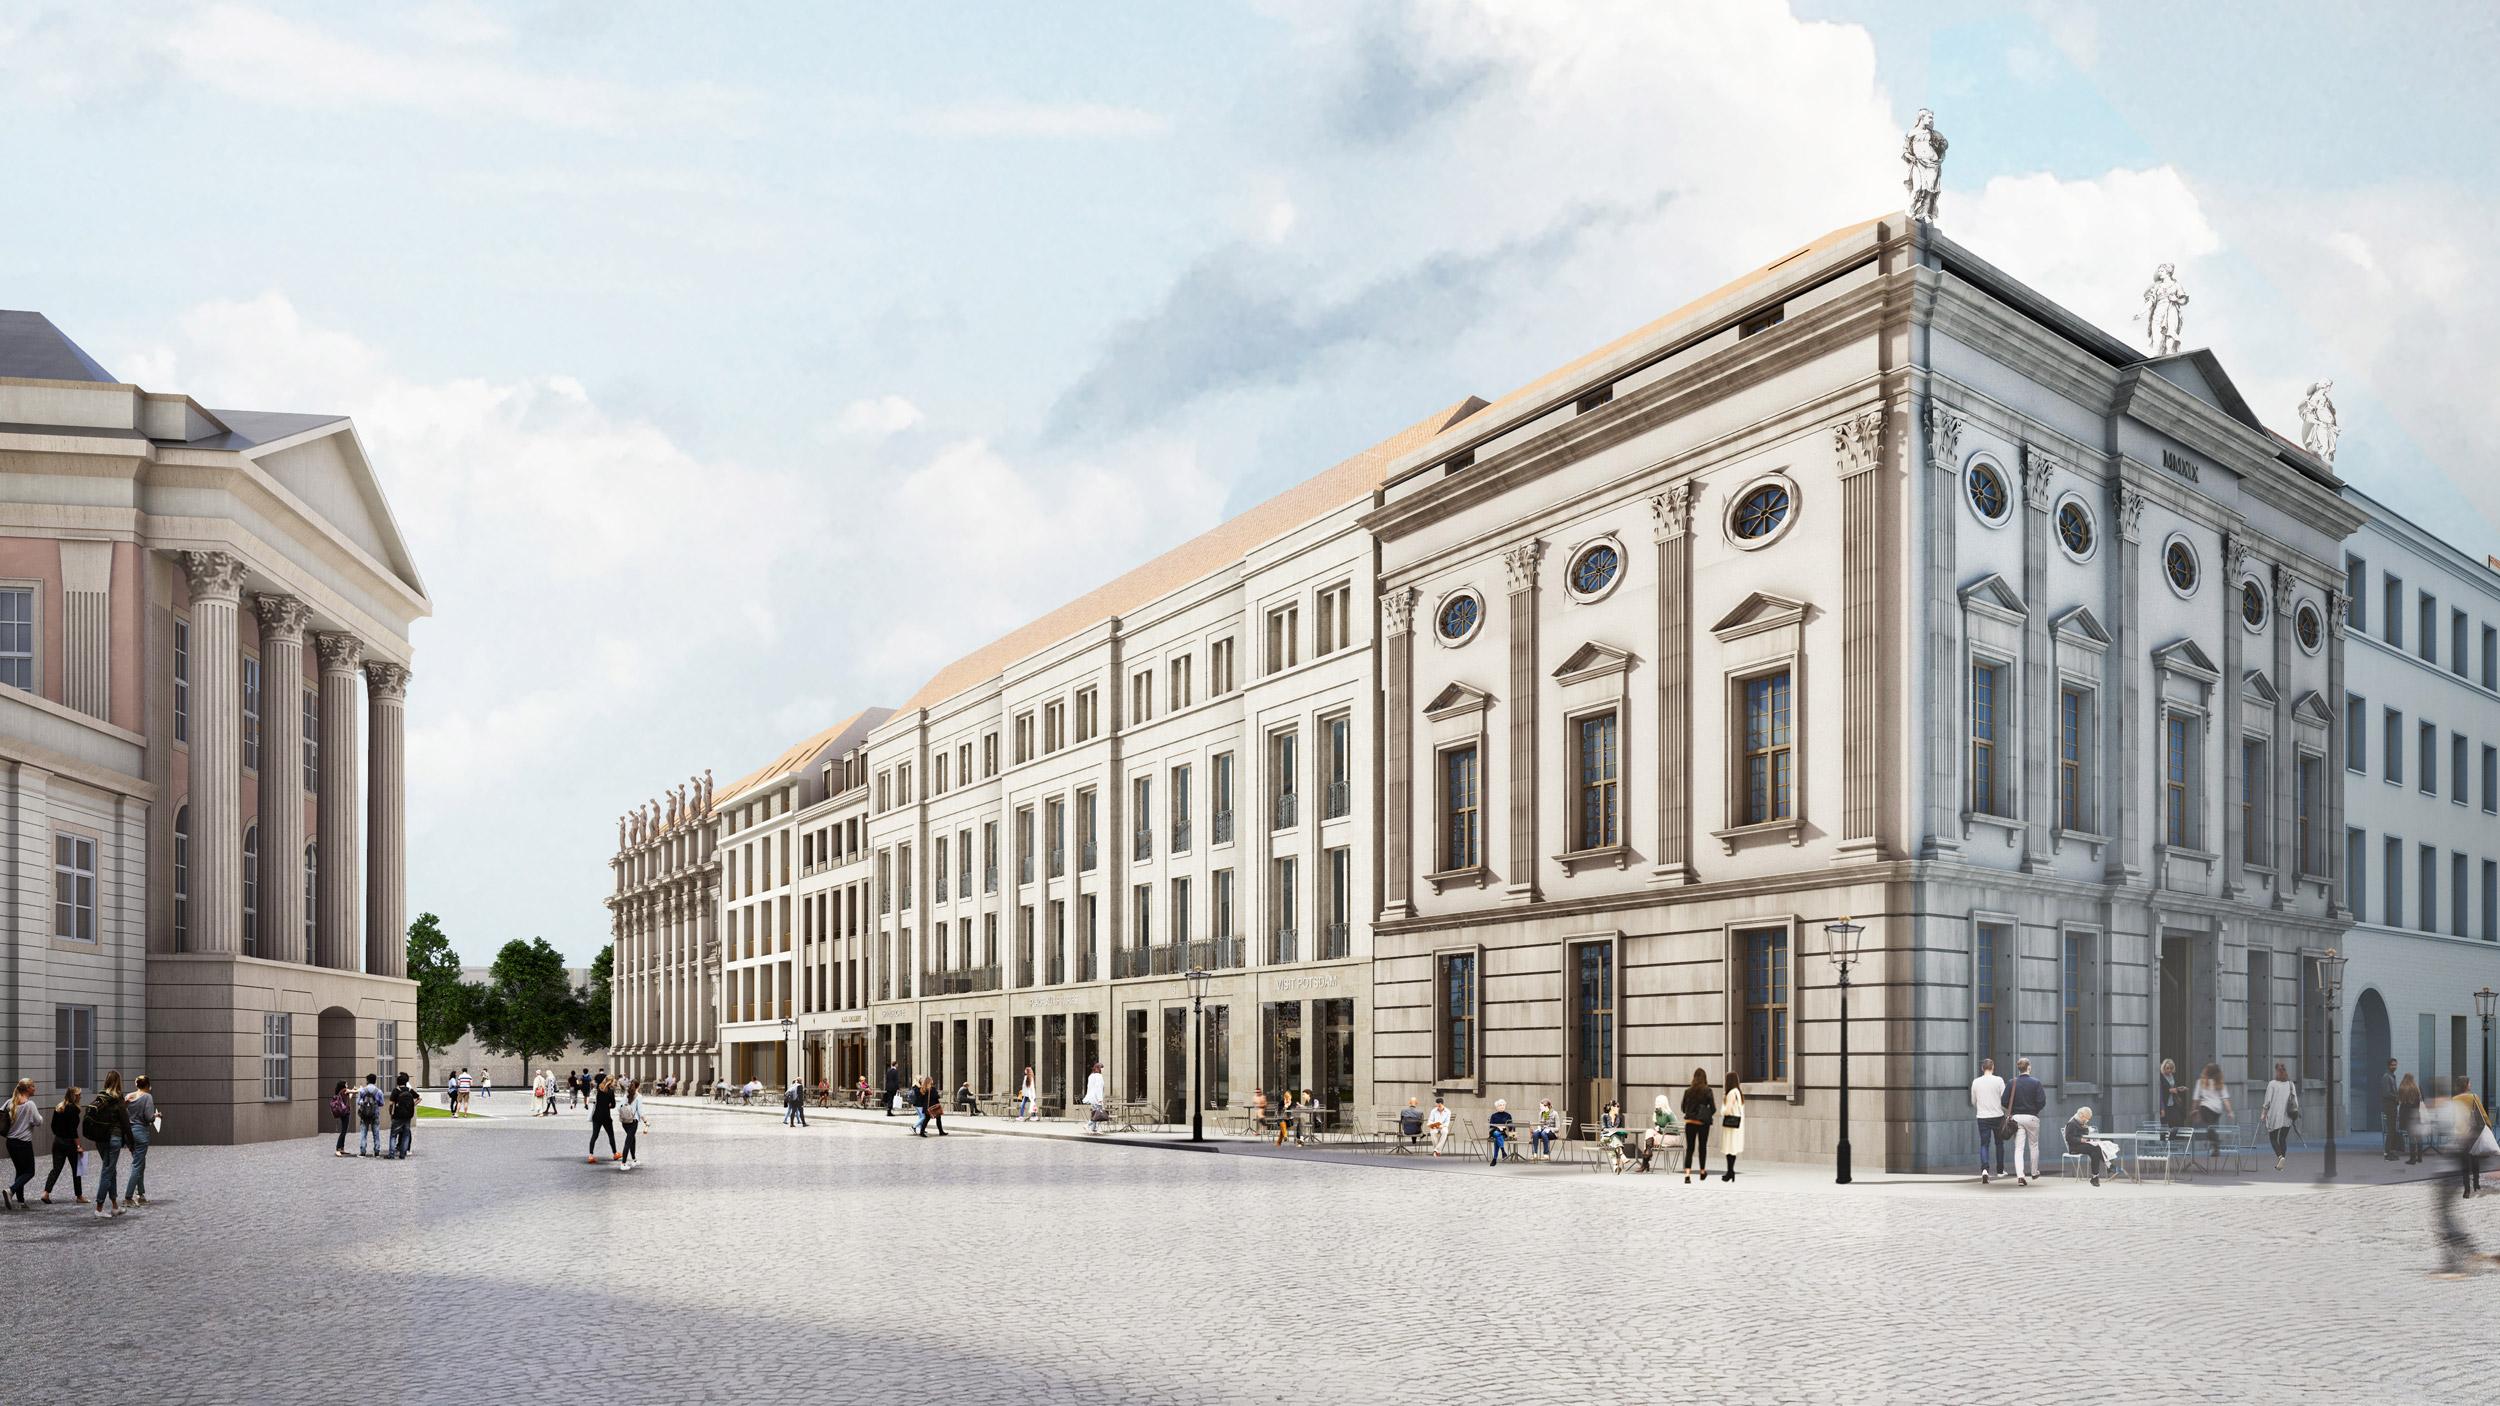 Neues Stadtpalais in der historischen Mitte Potsdam - Die Risalite der langgestreckten Fassade können als benachbarte Stadthäuser wahrgenommen werden.